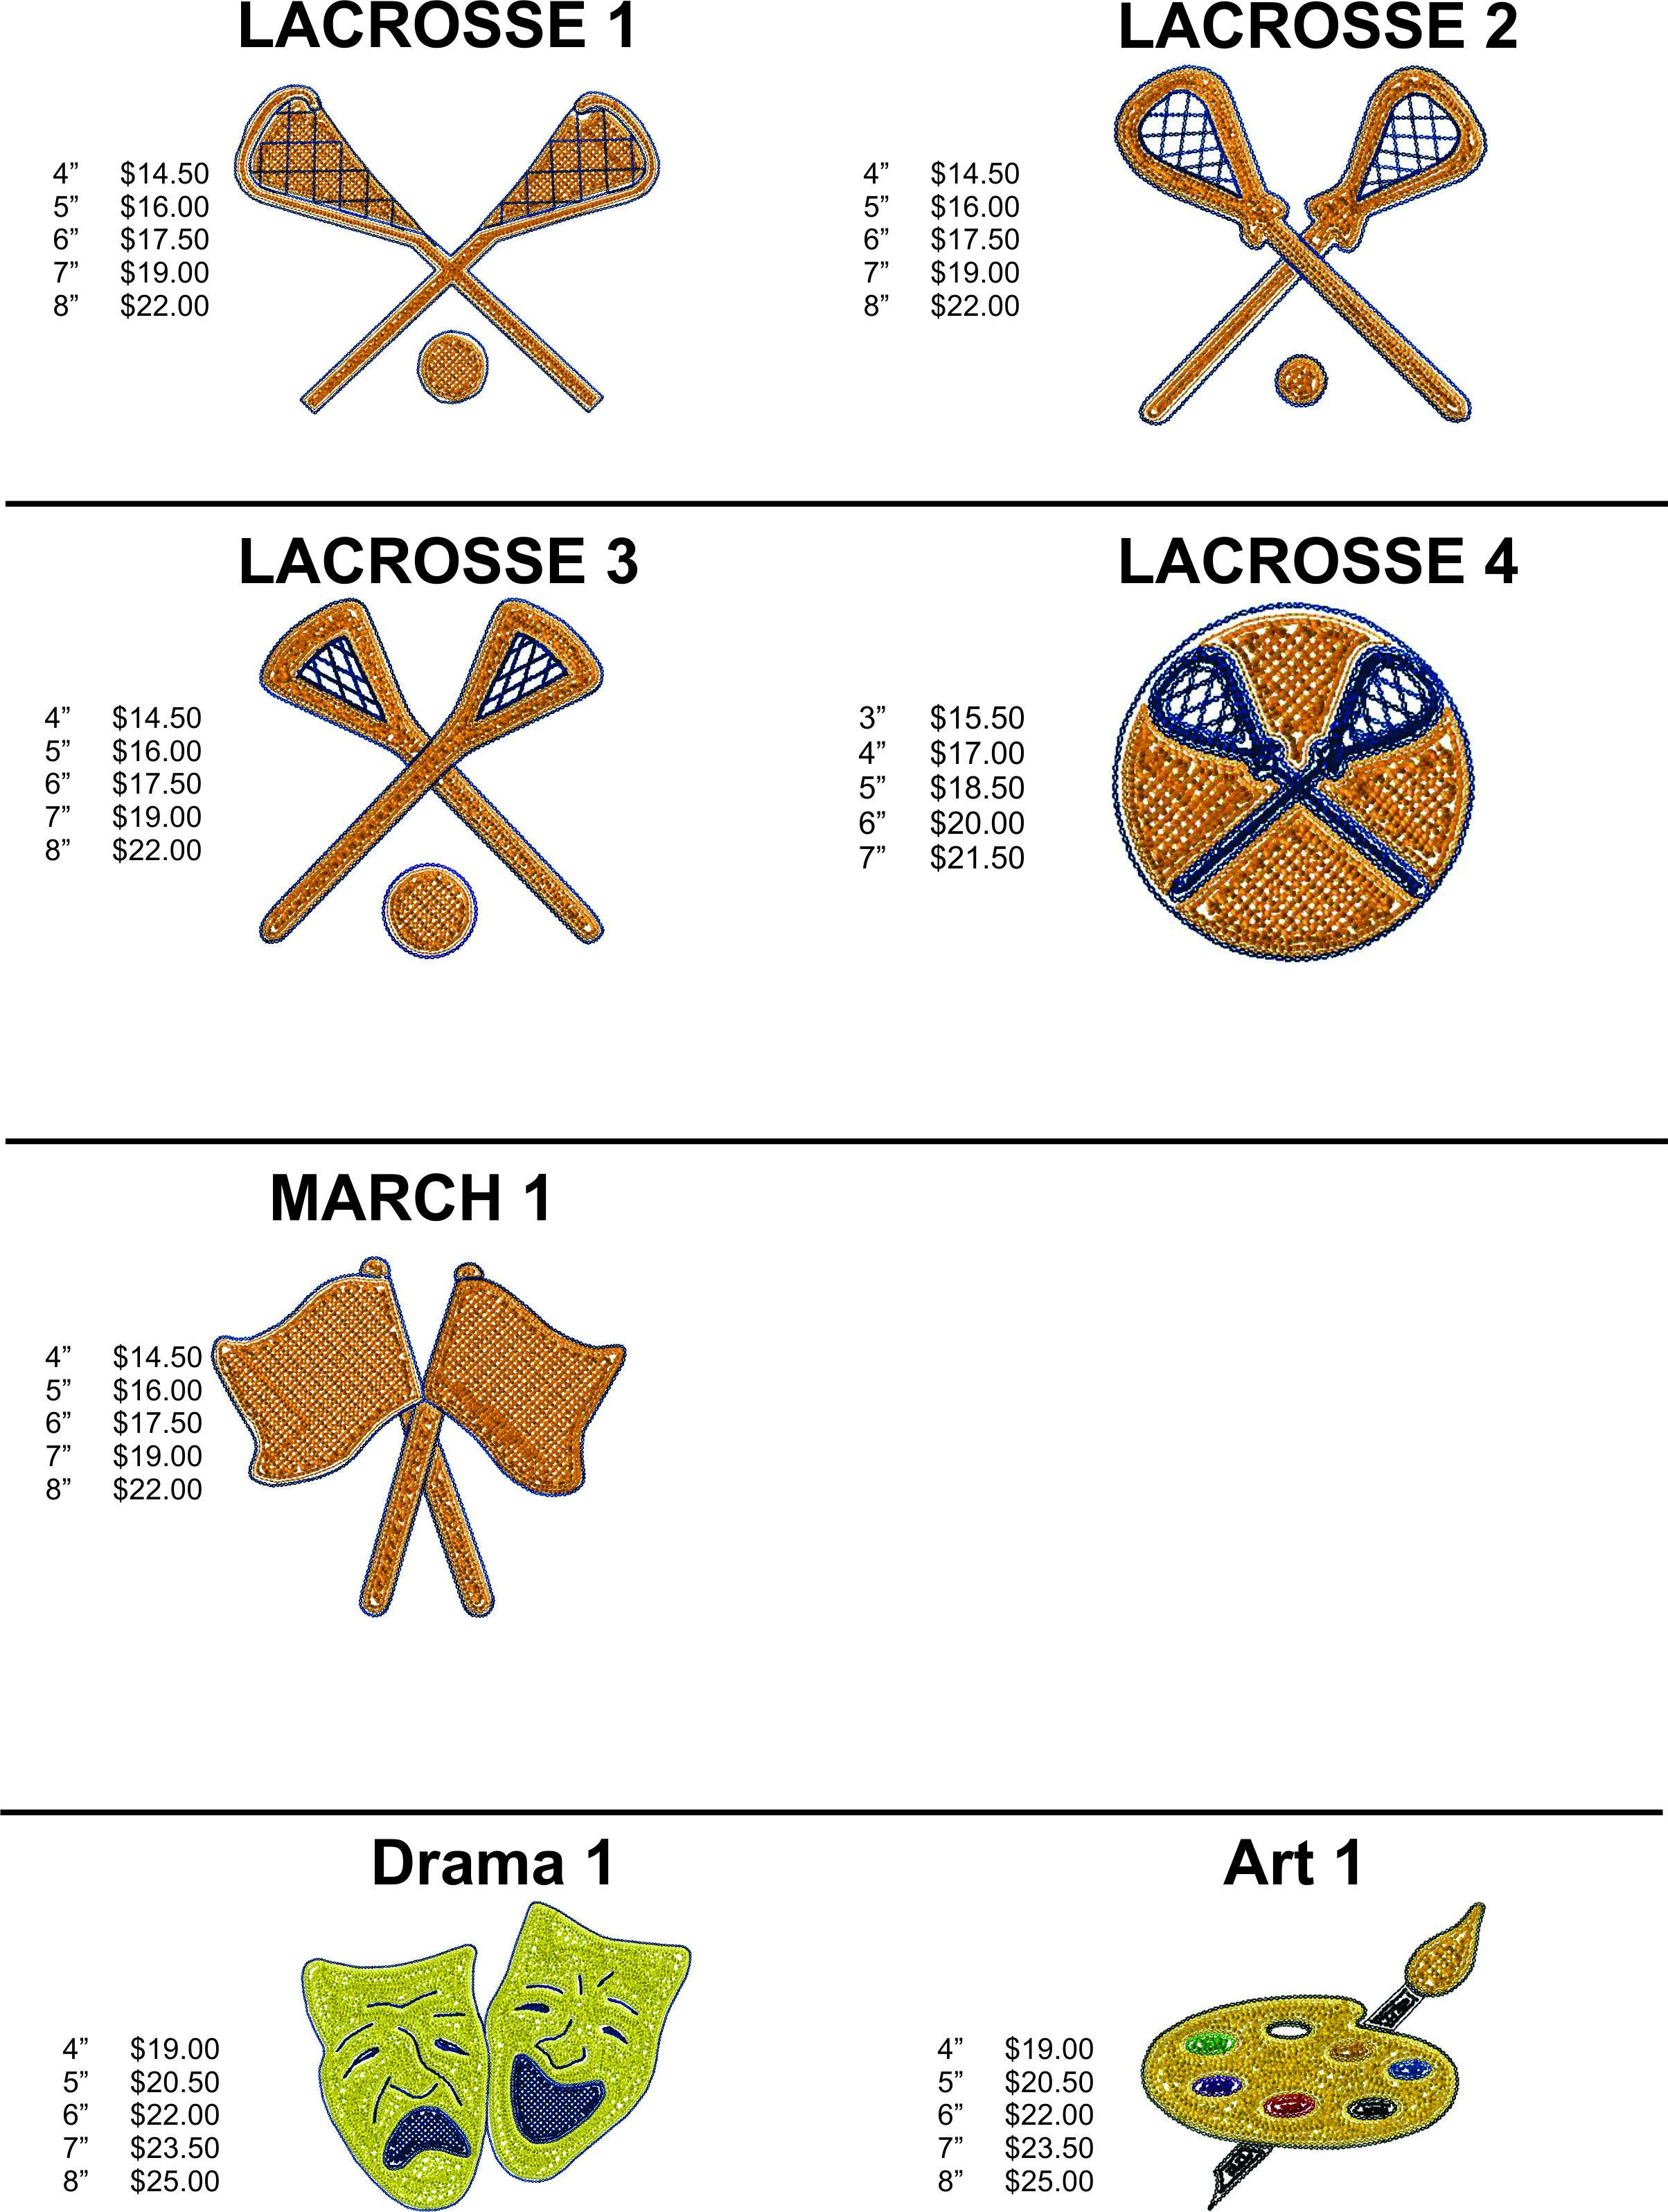 lacrosse-march.jpg